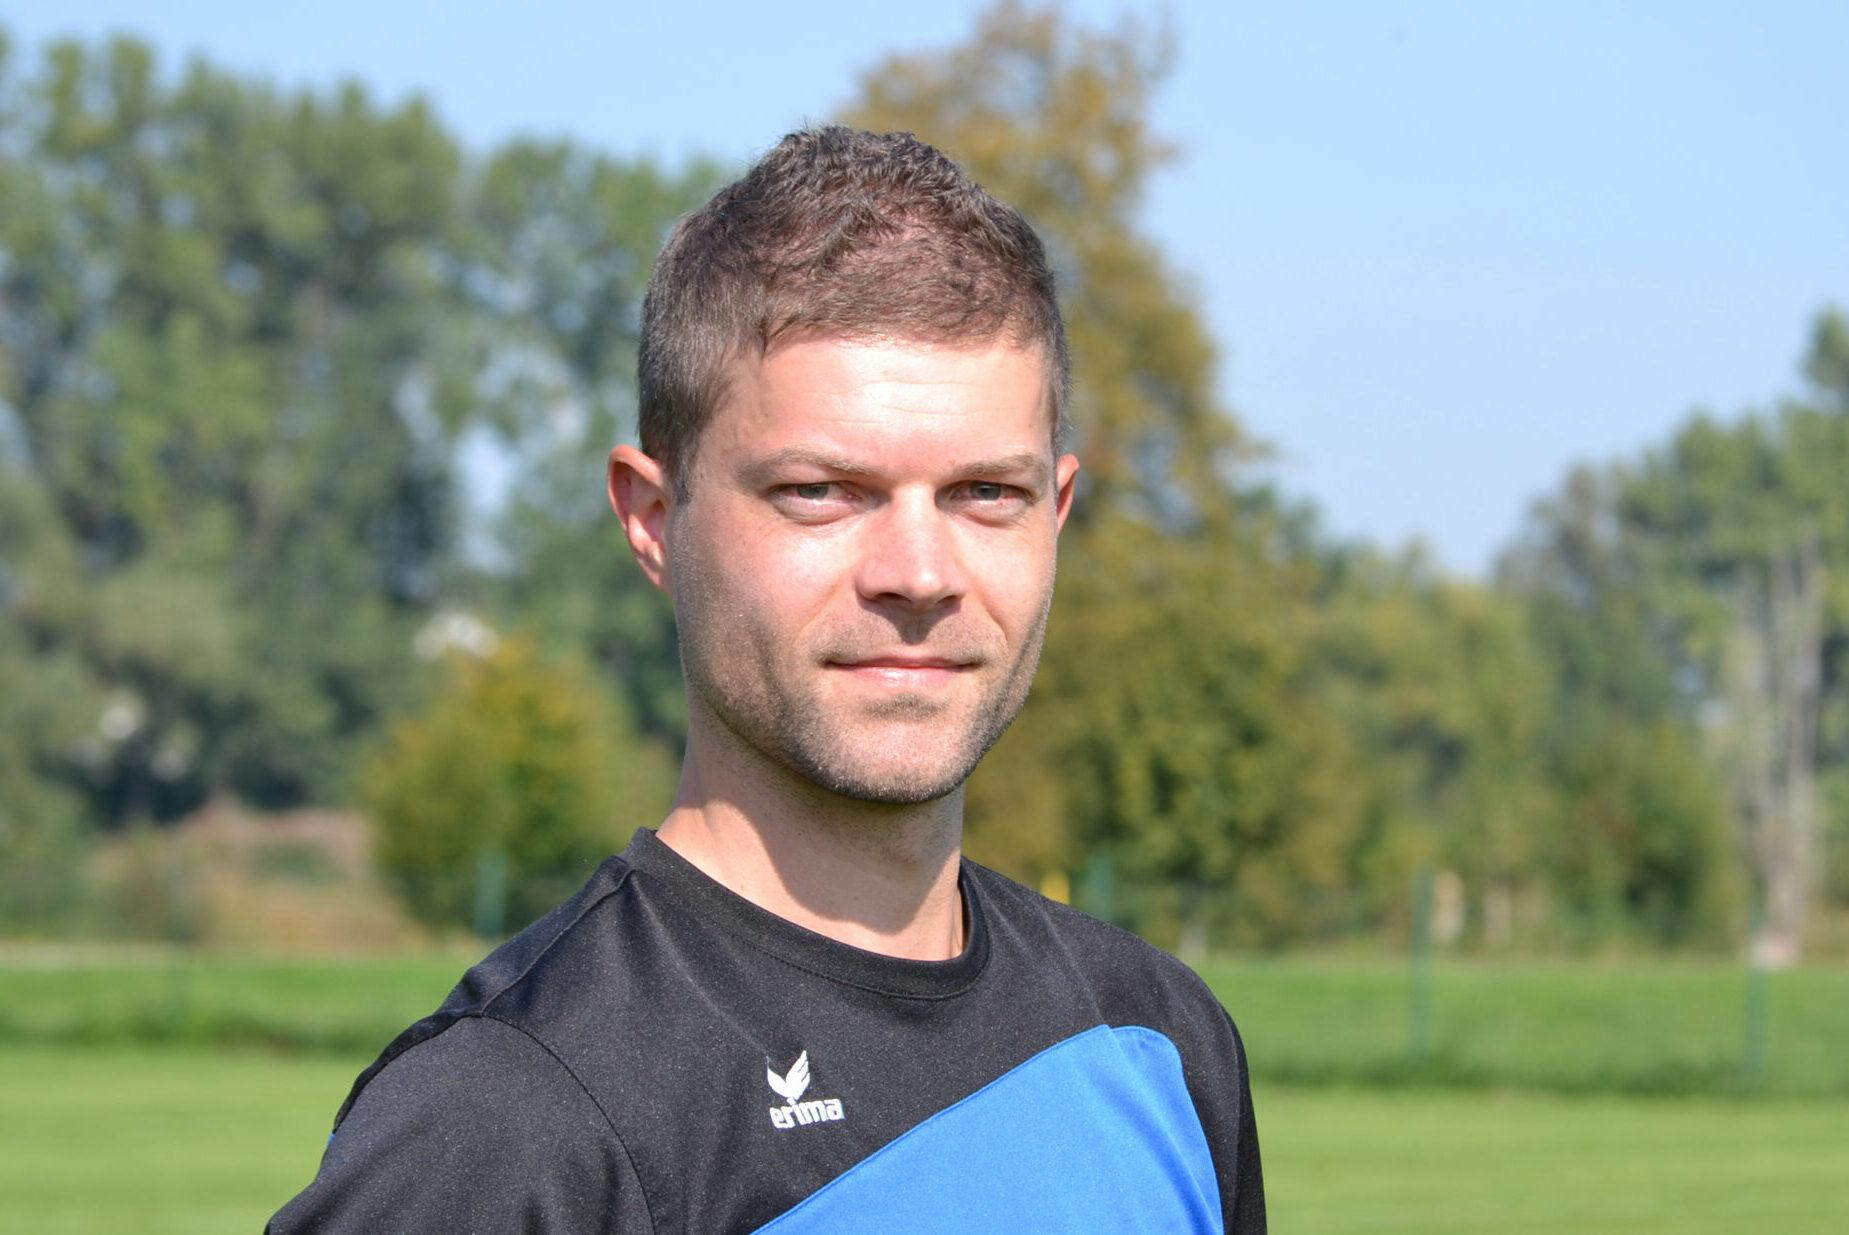 Mathias Ivenz